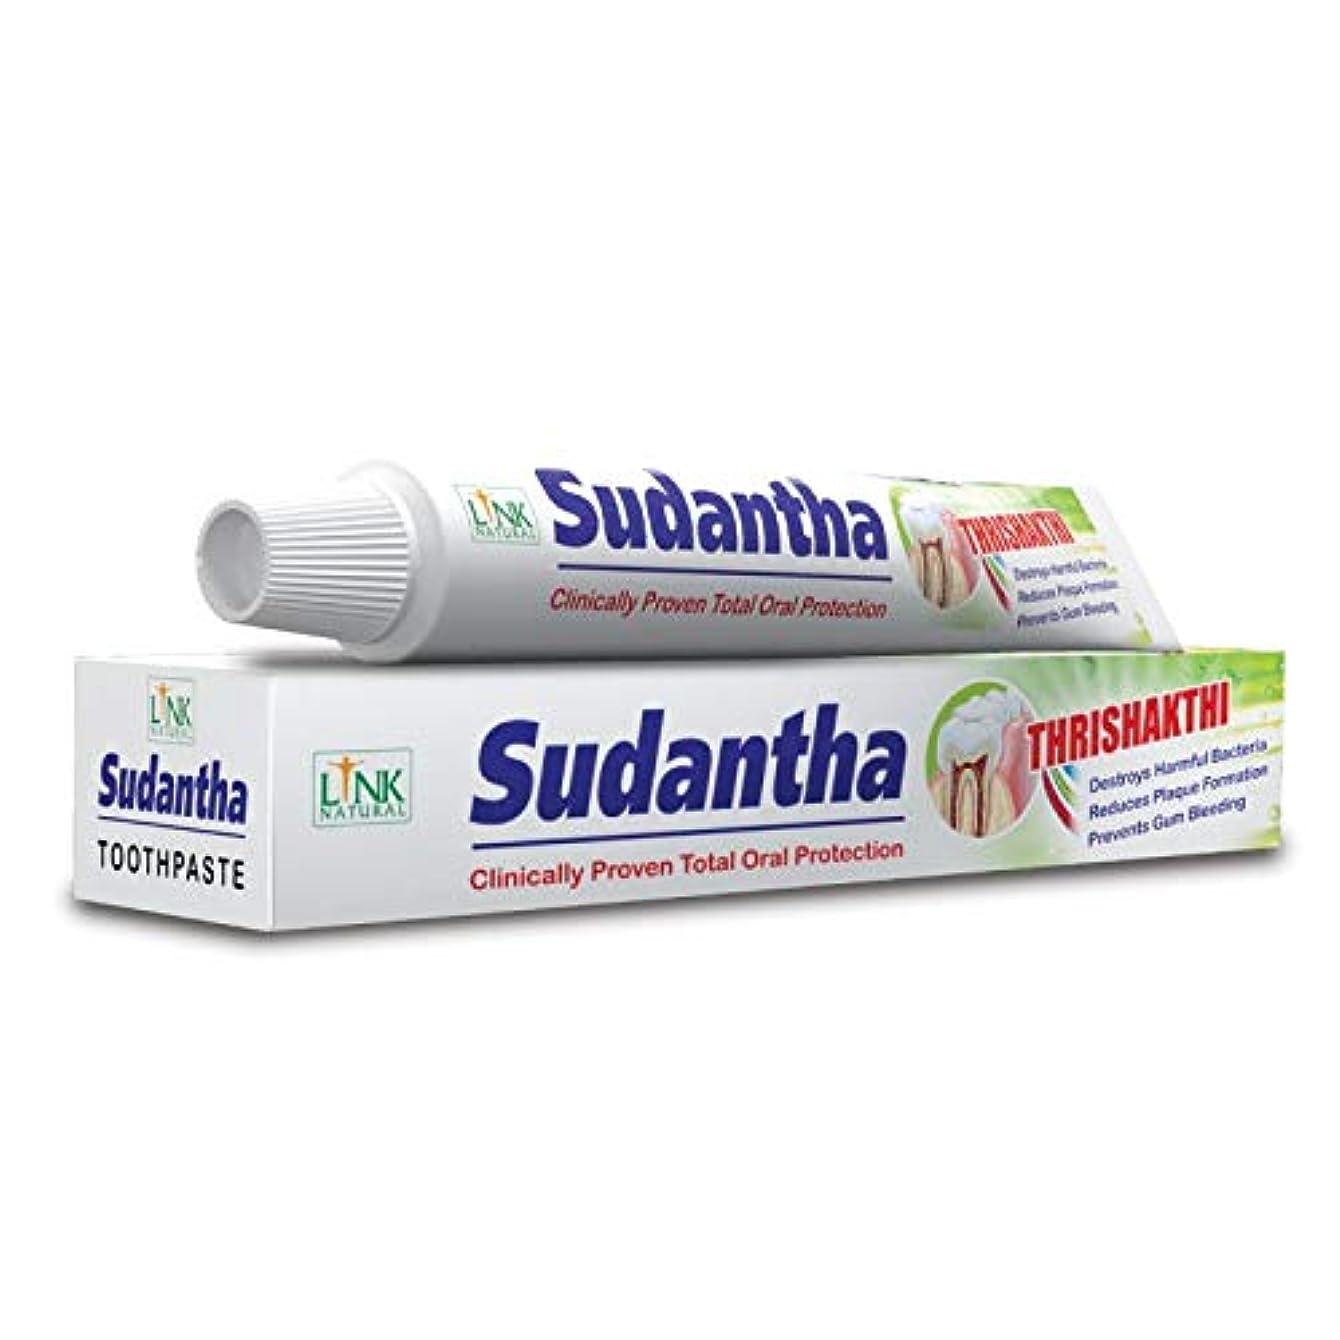 見物人ベアリングテレックス2 x 80 g リンクSudanthaホメオパシーHerbal Toothpaste for合計Oral保護